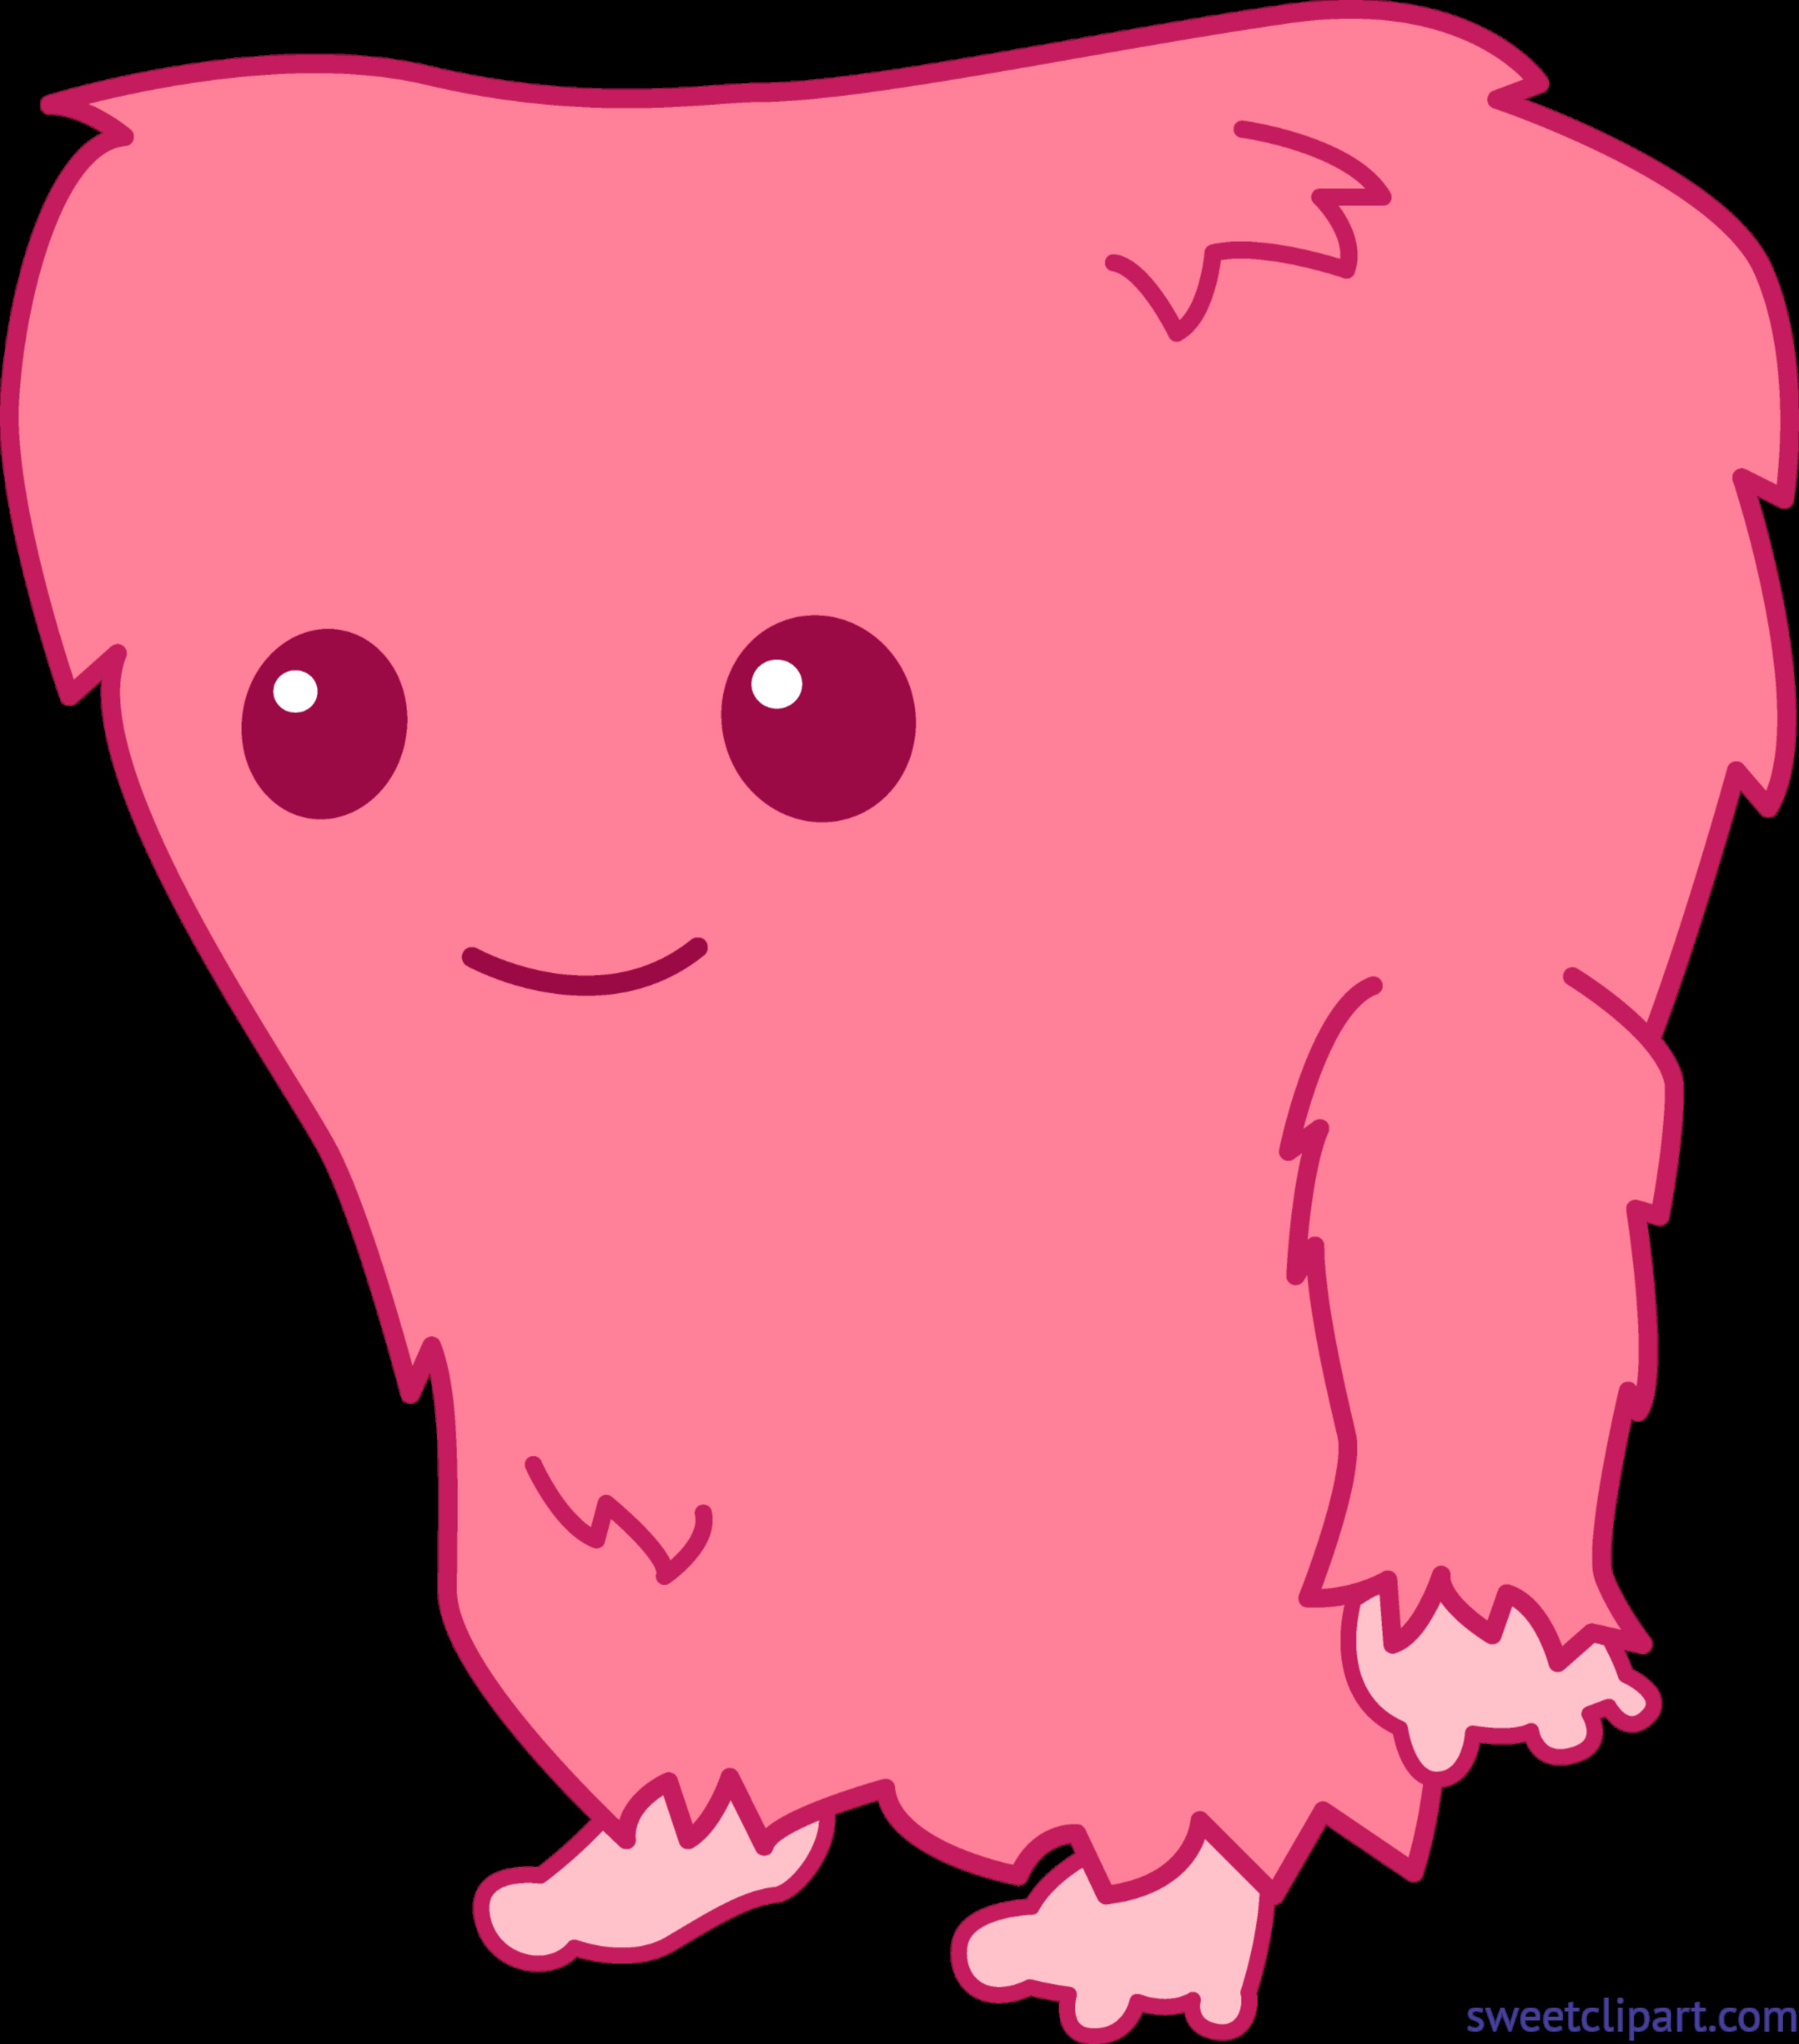 Clipart diamond pink. Monster cute clip art